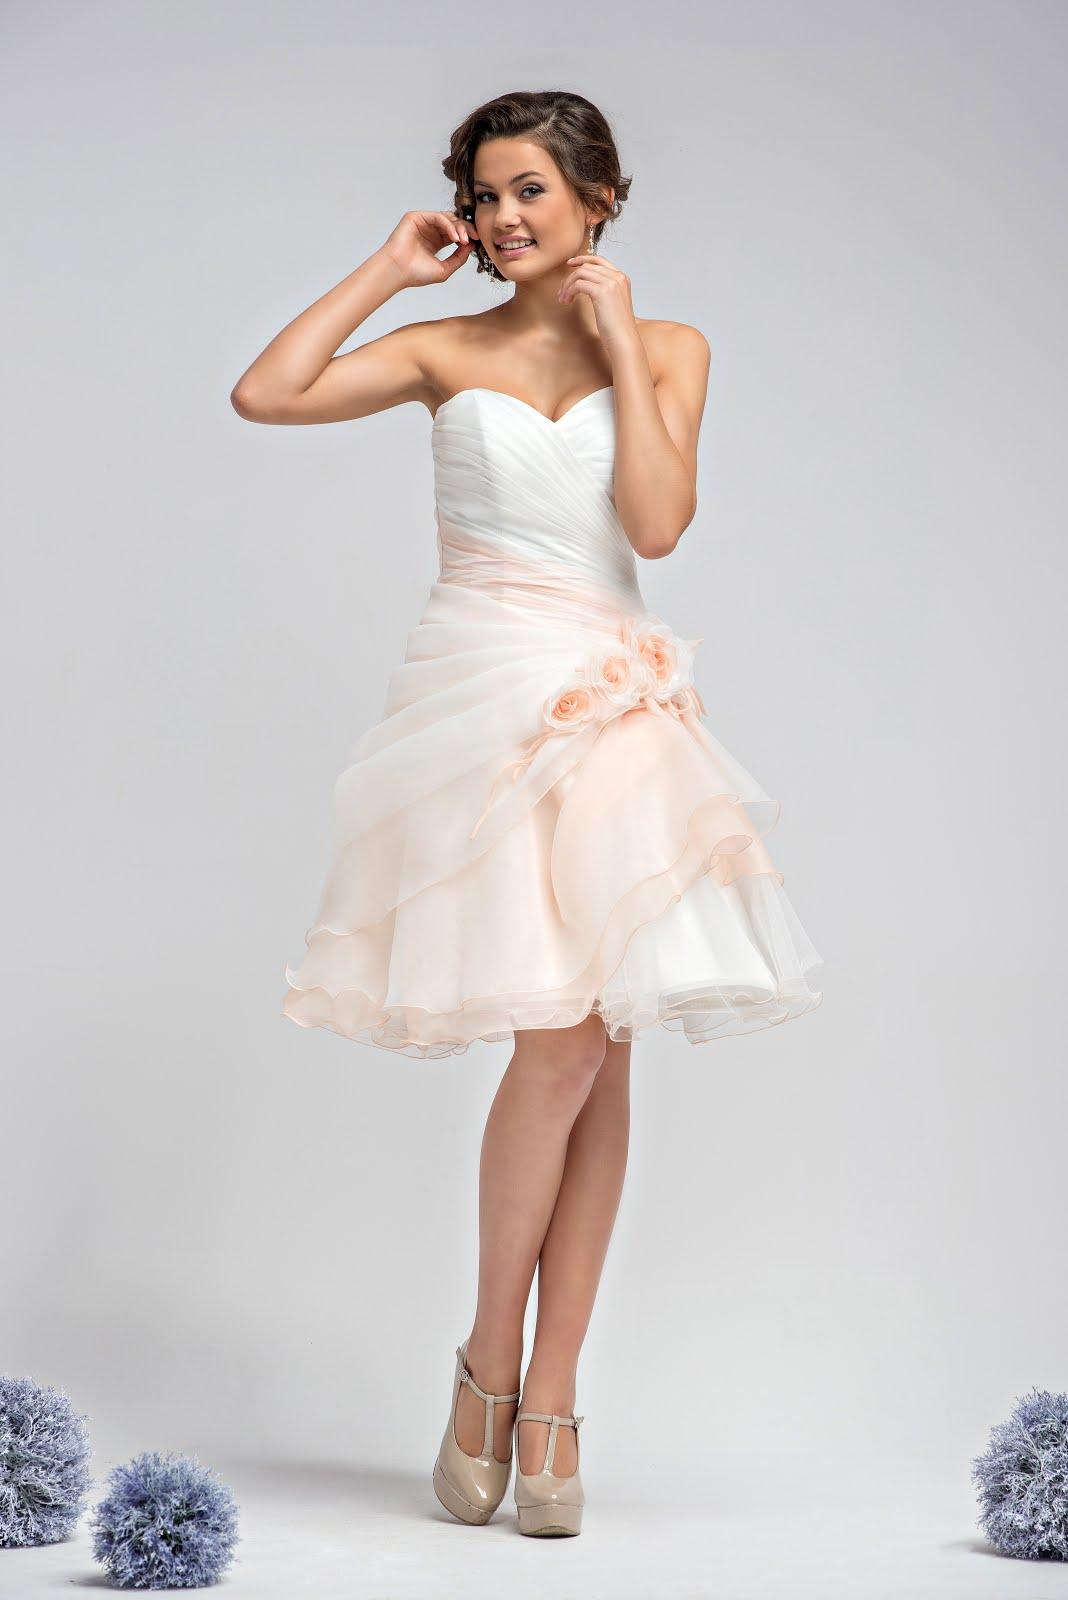 kleiderfreuden brautmode online bestellen standesamtkleid rosa wei ein sommerlicher traum. Black Bedroom Furniture Sets. Home Design Ideas